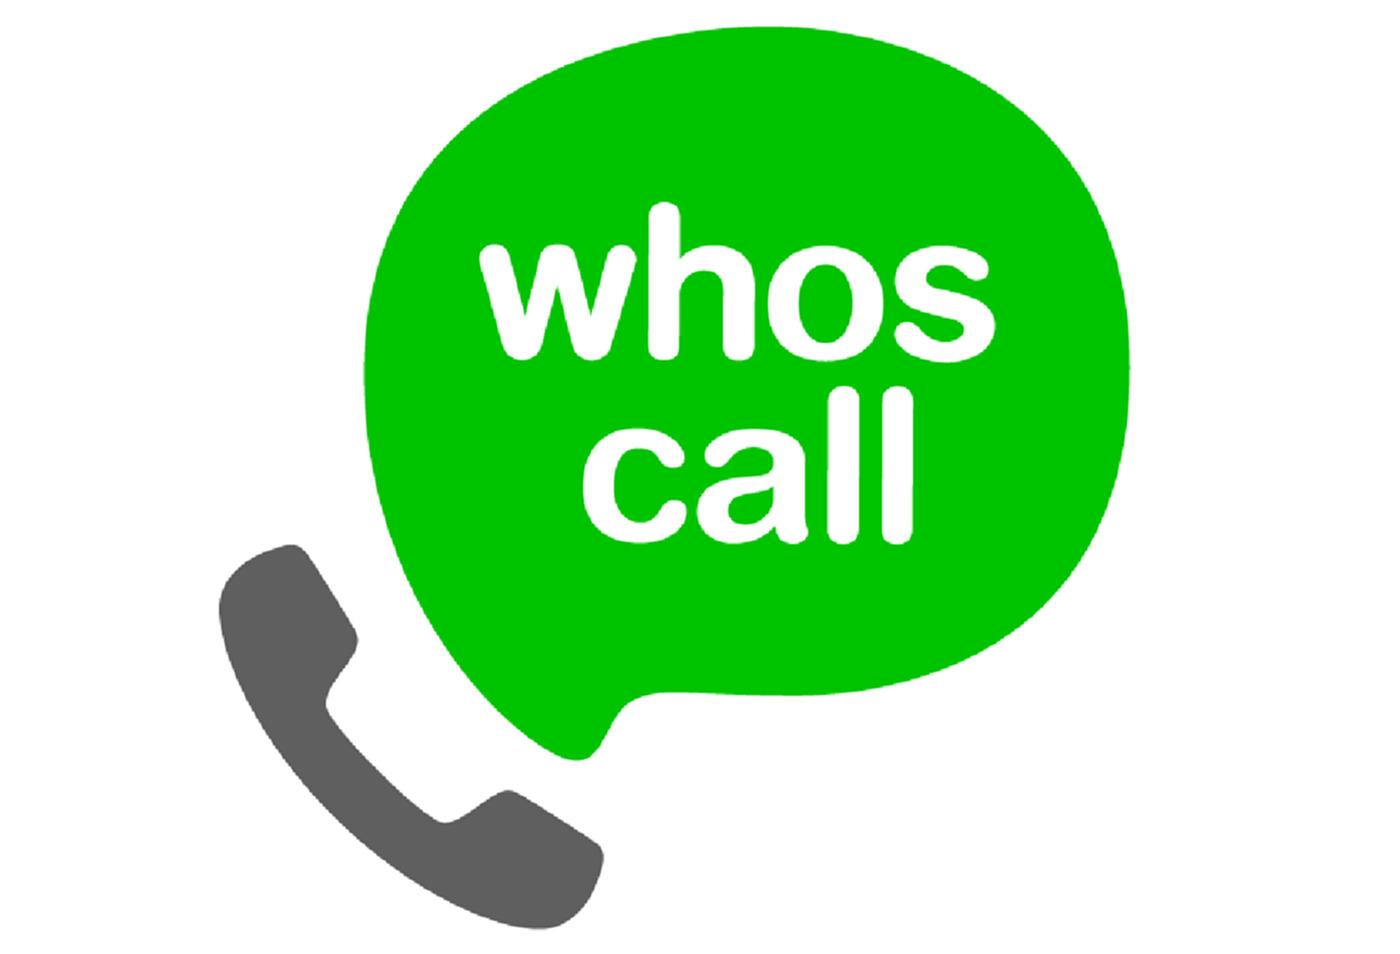 Whoscallเตือนยอดโทรศัพท์หลอกลวงพุ่งช่วงโควิด